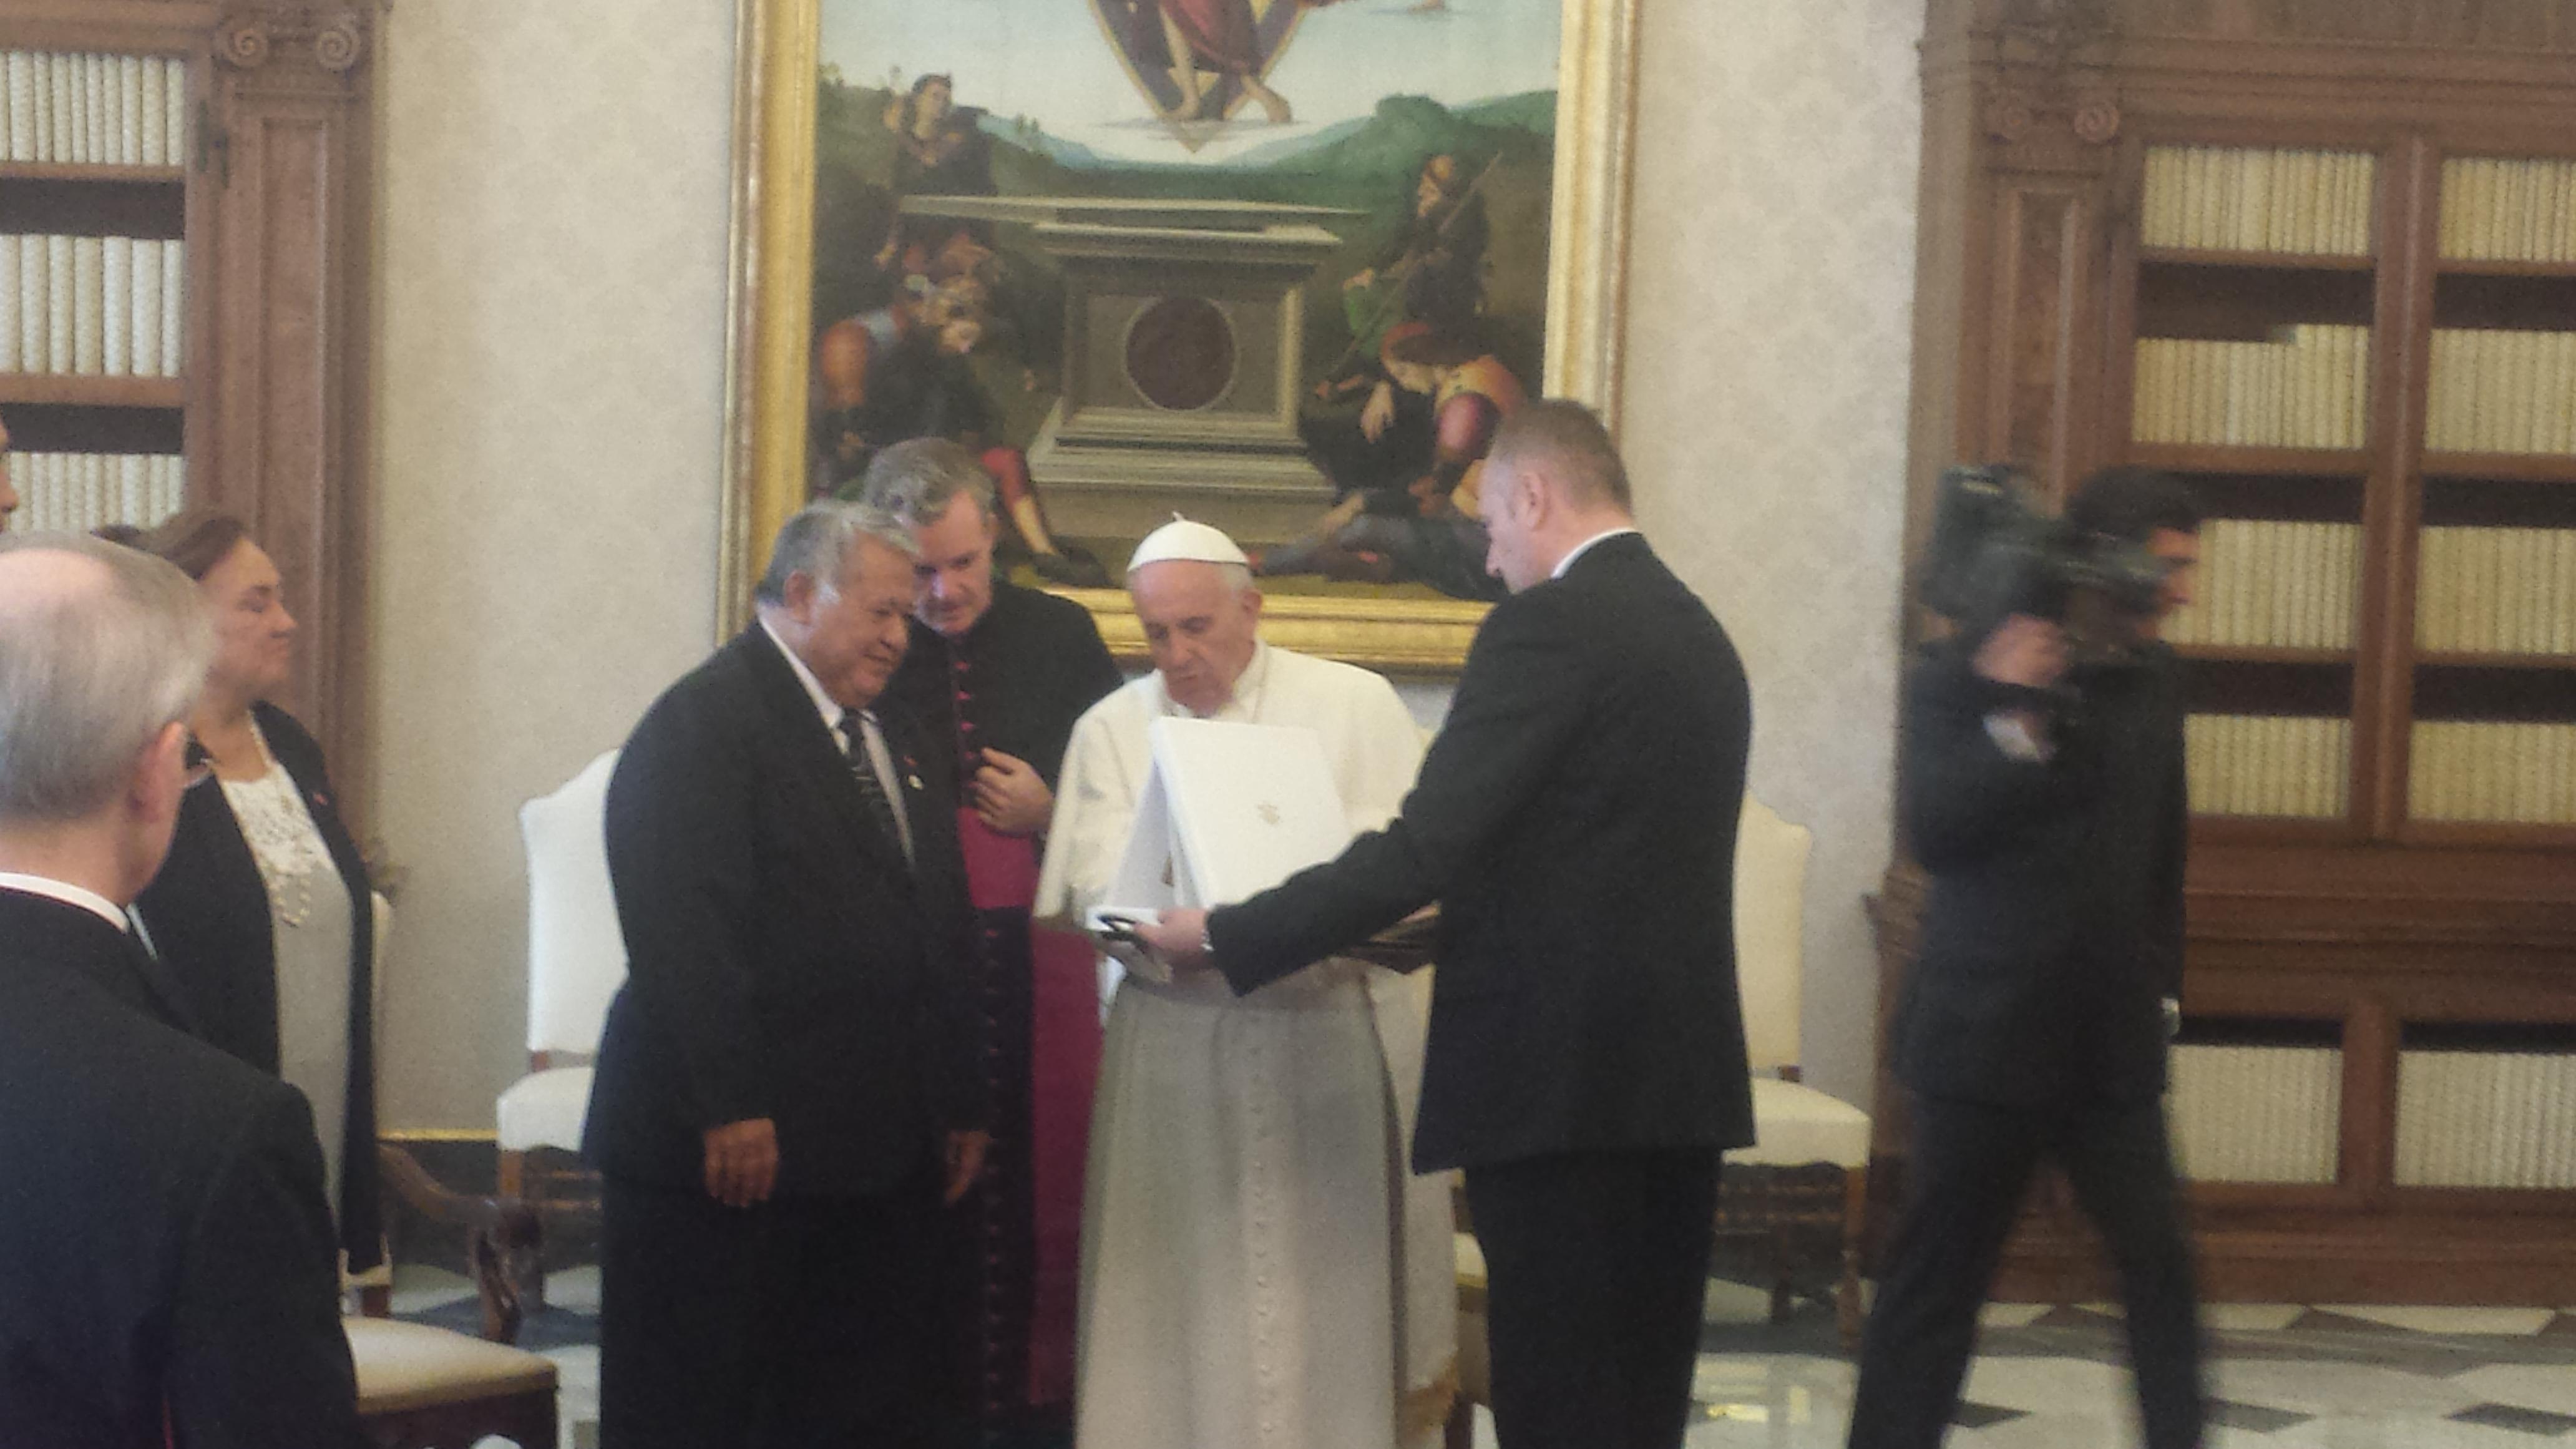 Pope Francis meets Tuilaepa Aiono Sailele Malielegaoi